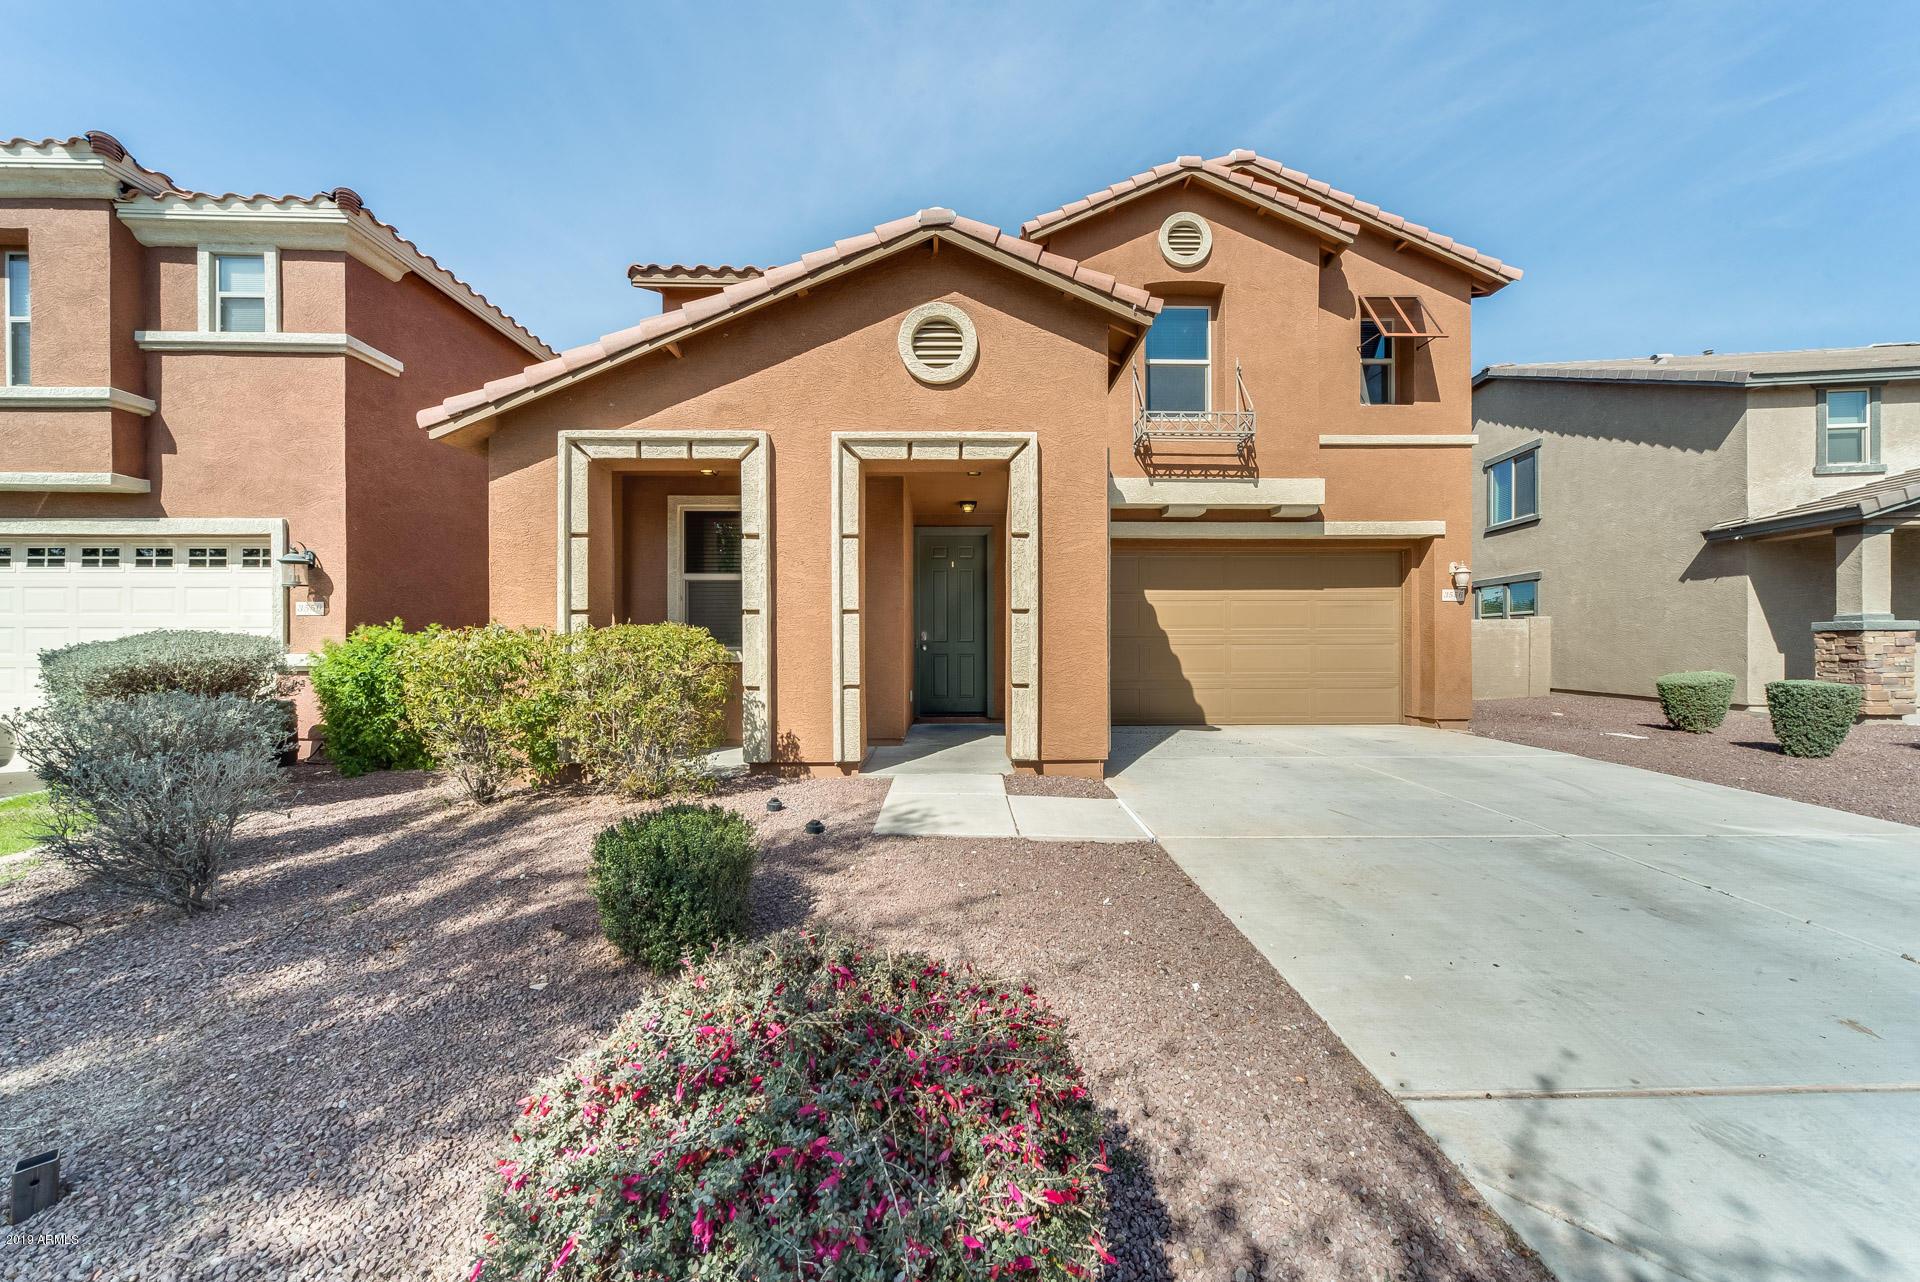 Photo of 3556 E BARTLETT Drive, Gilbert, AZ 85234